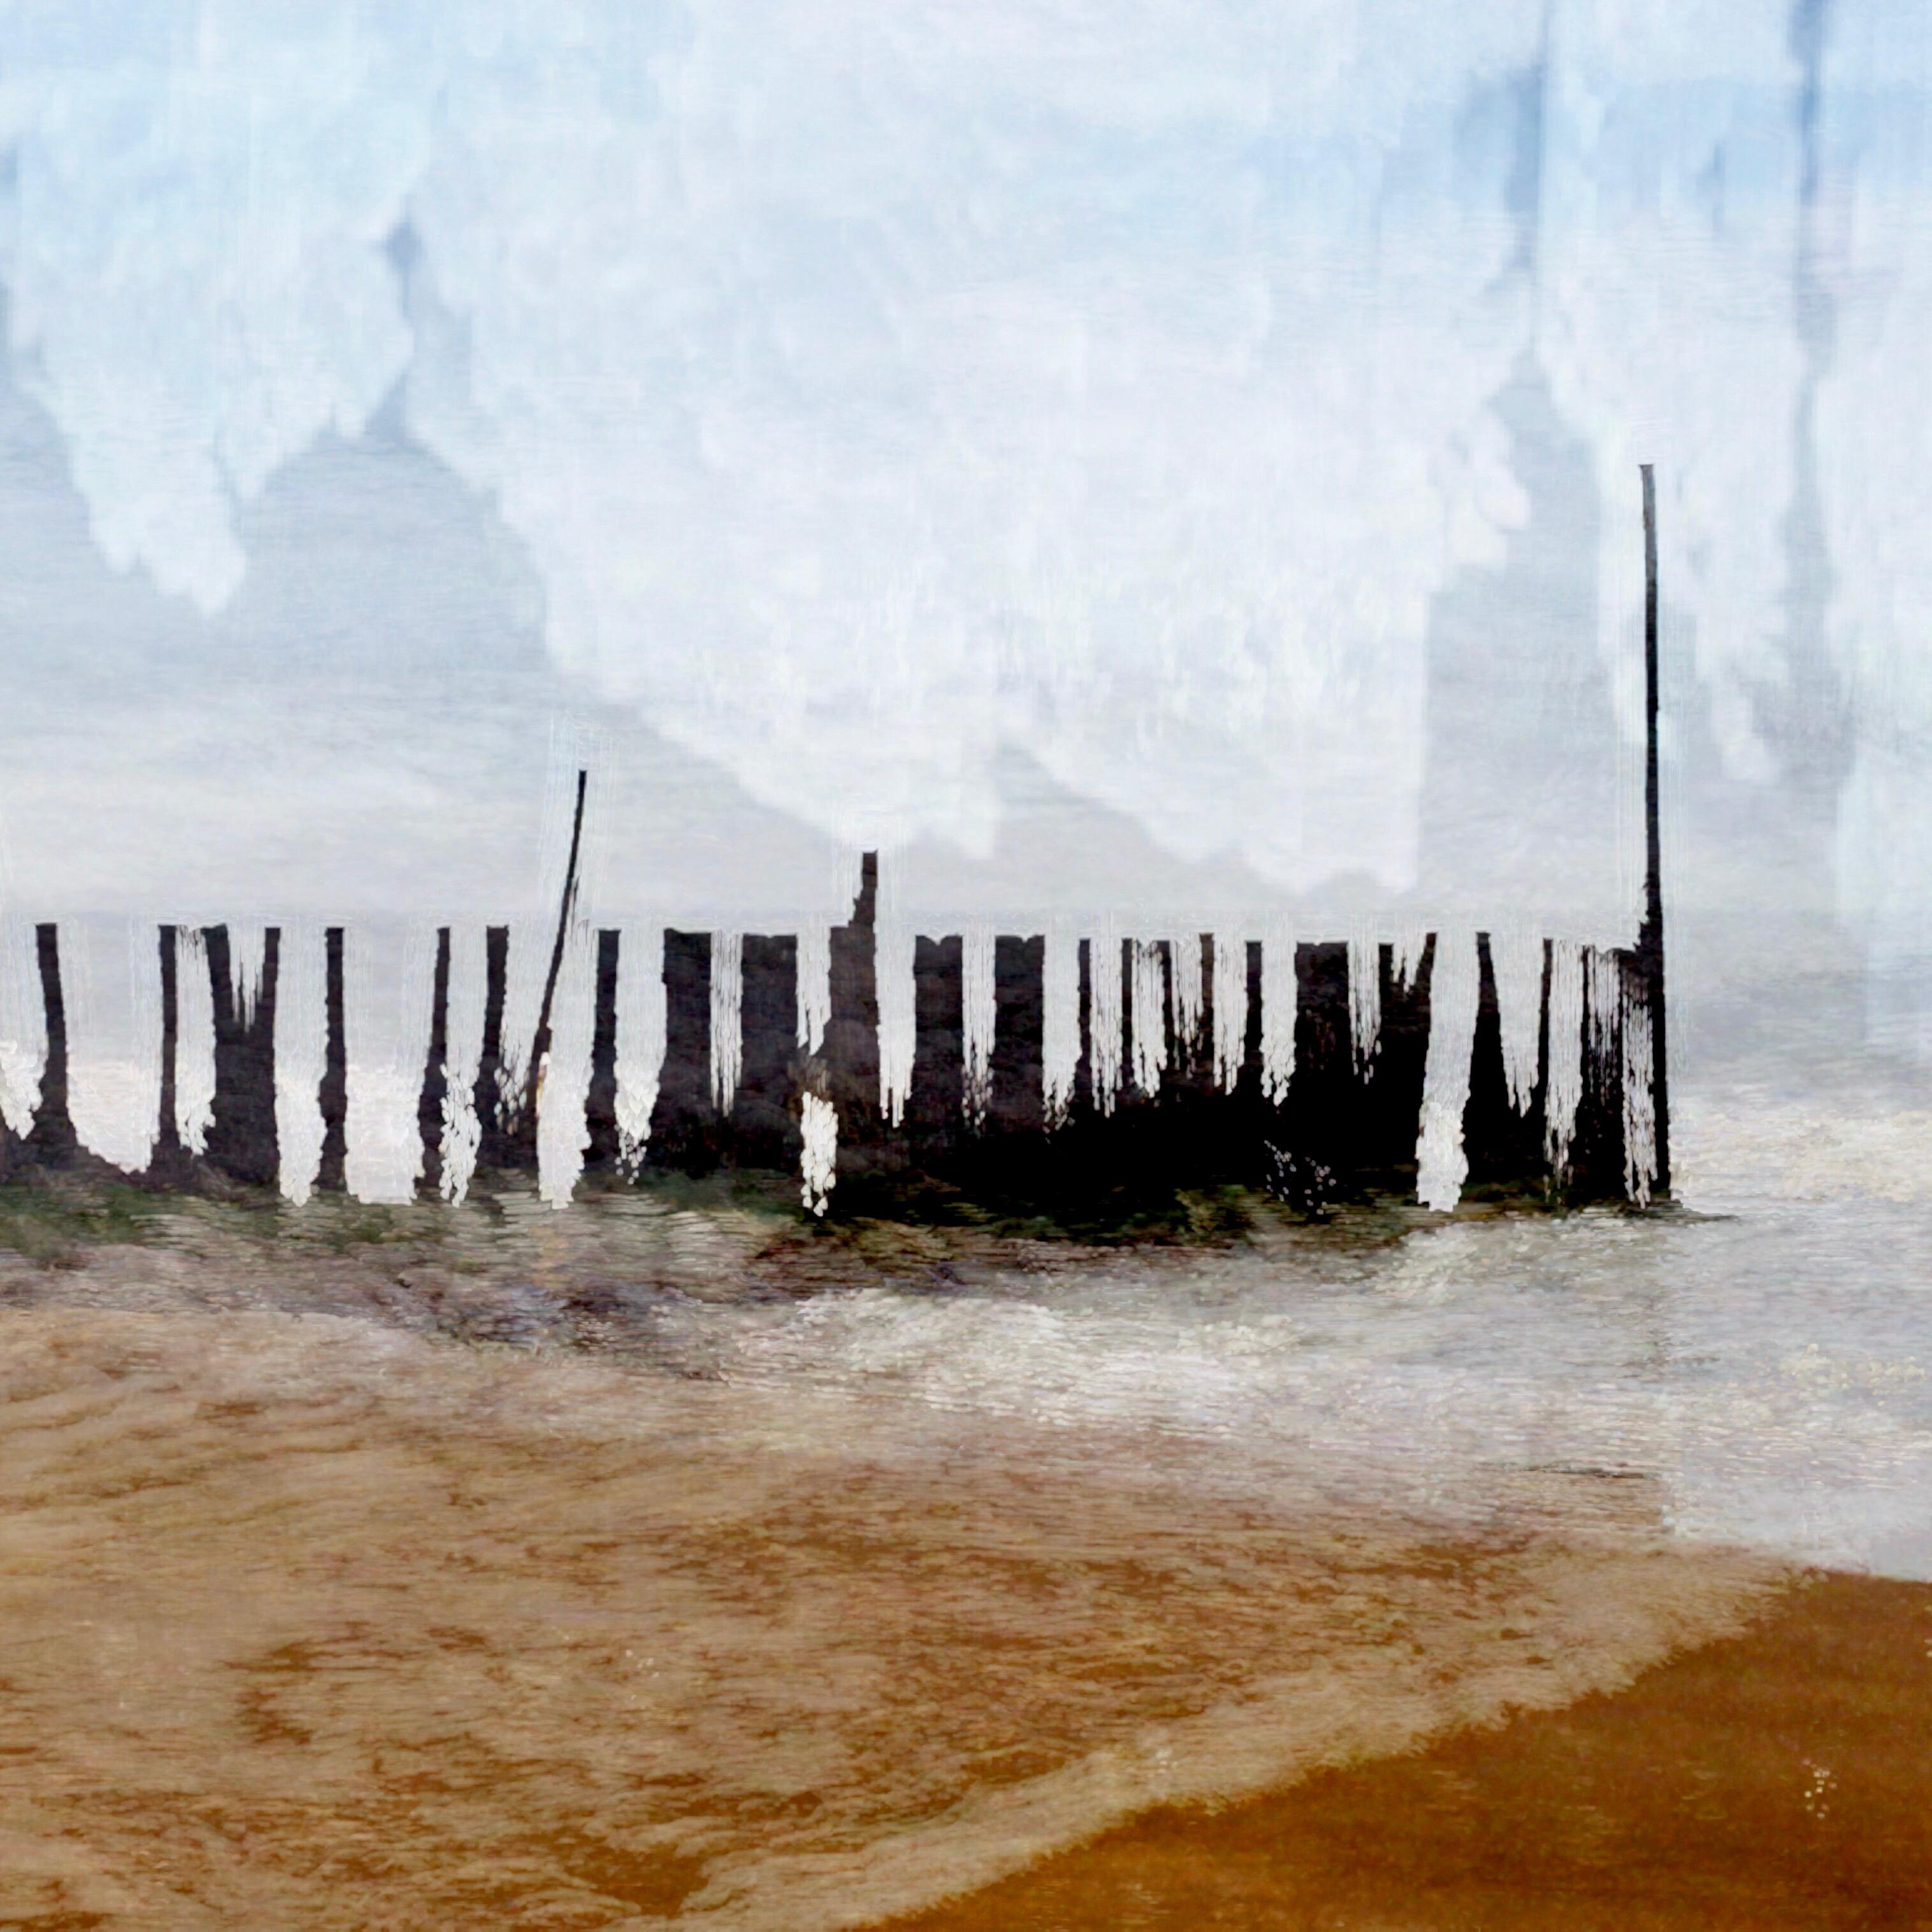 Un ejemplo de una foto del movimiento intencional de la cámara en la playa